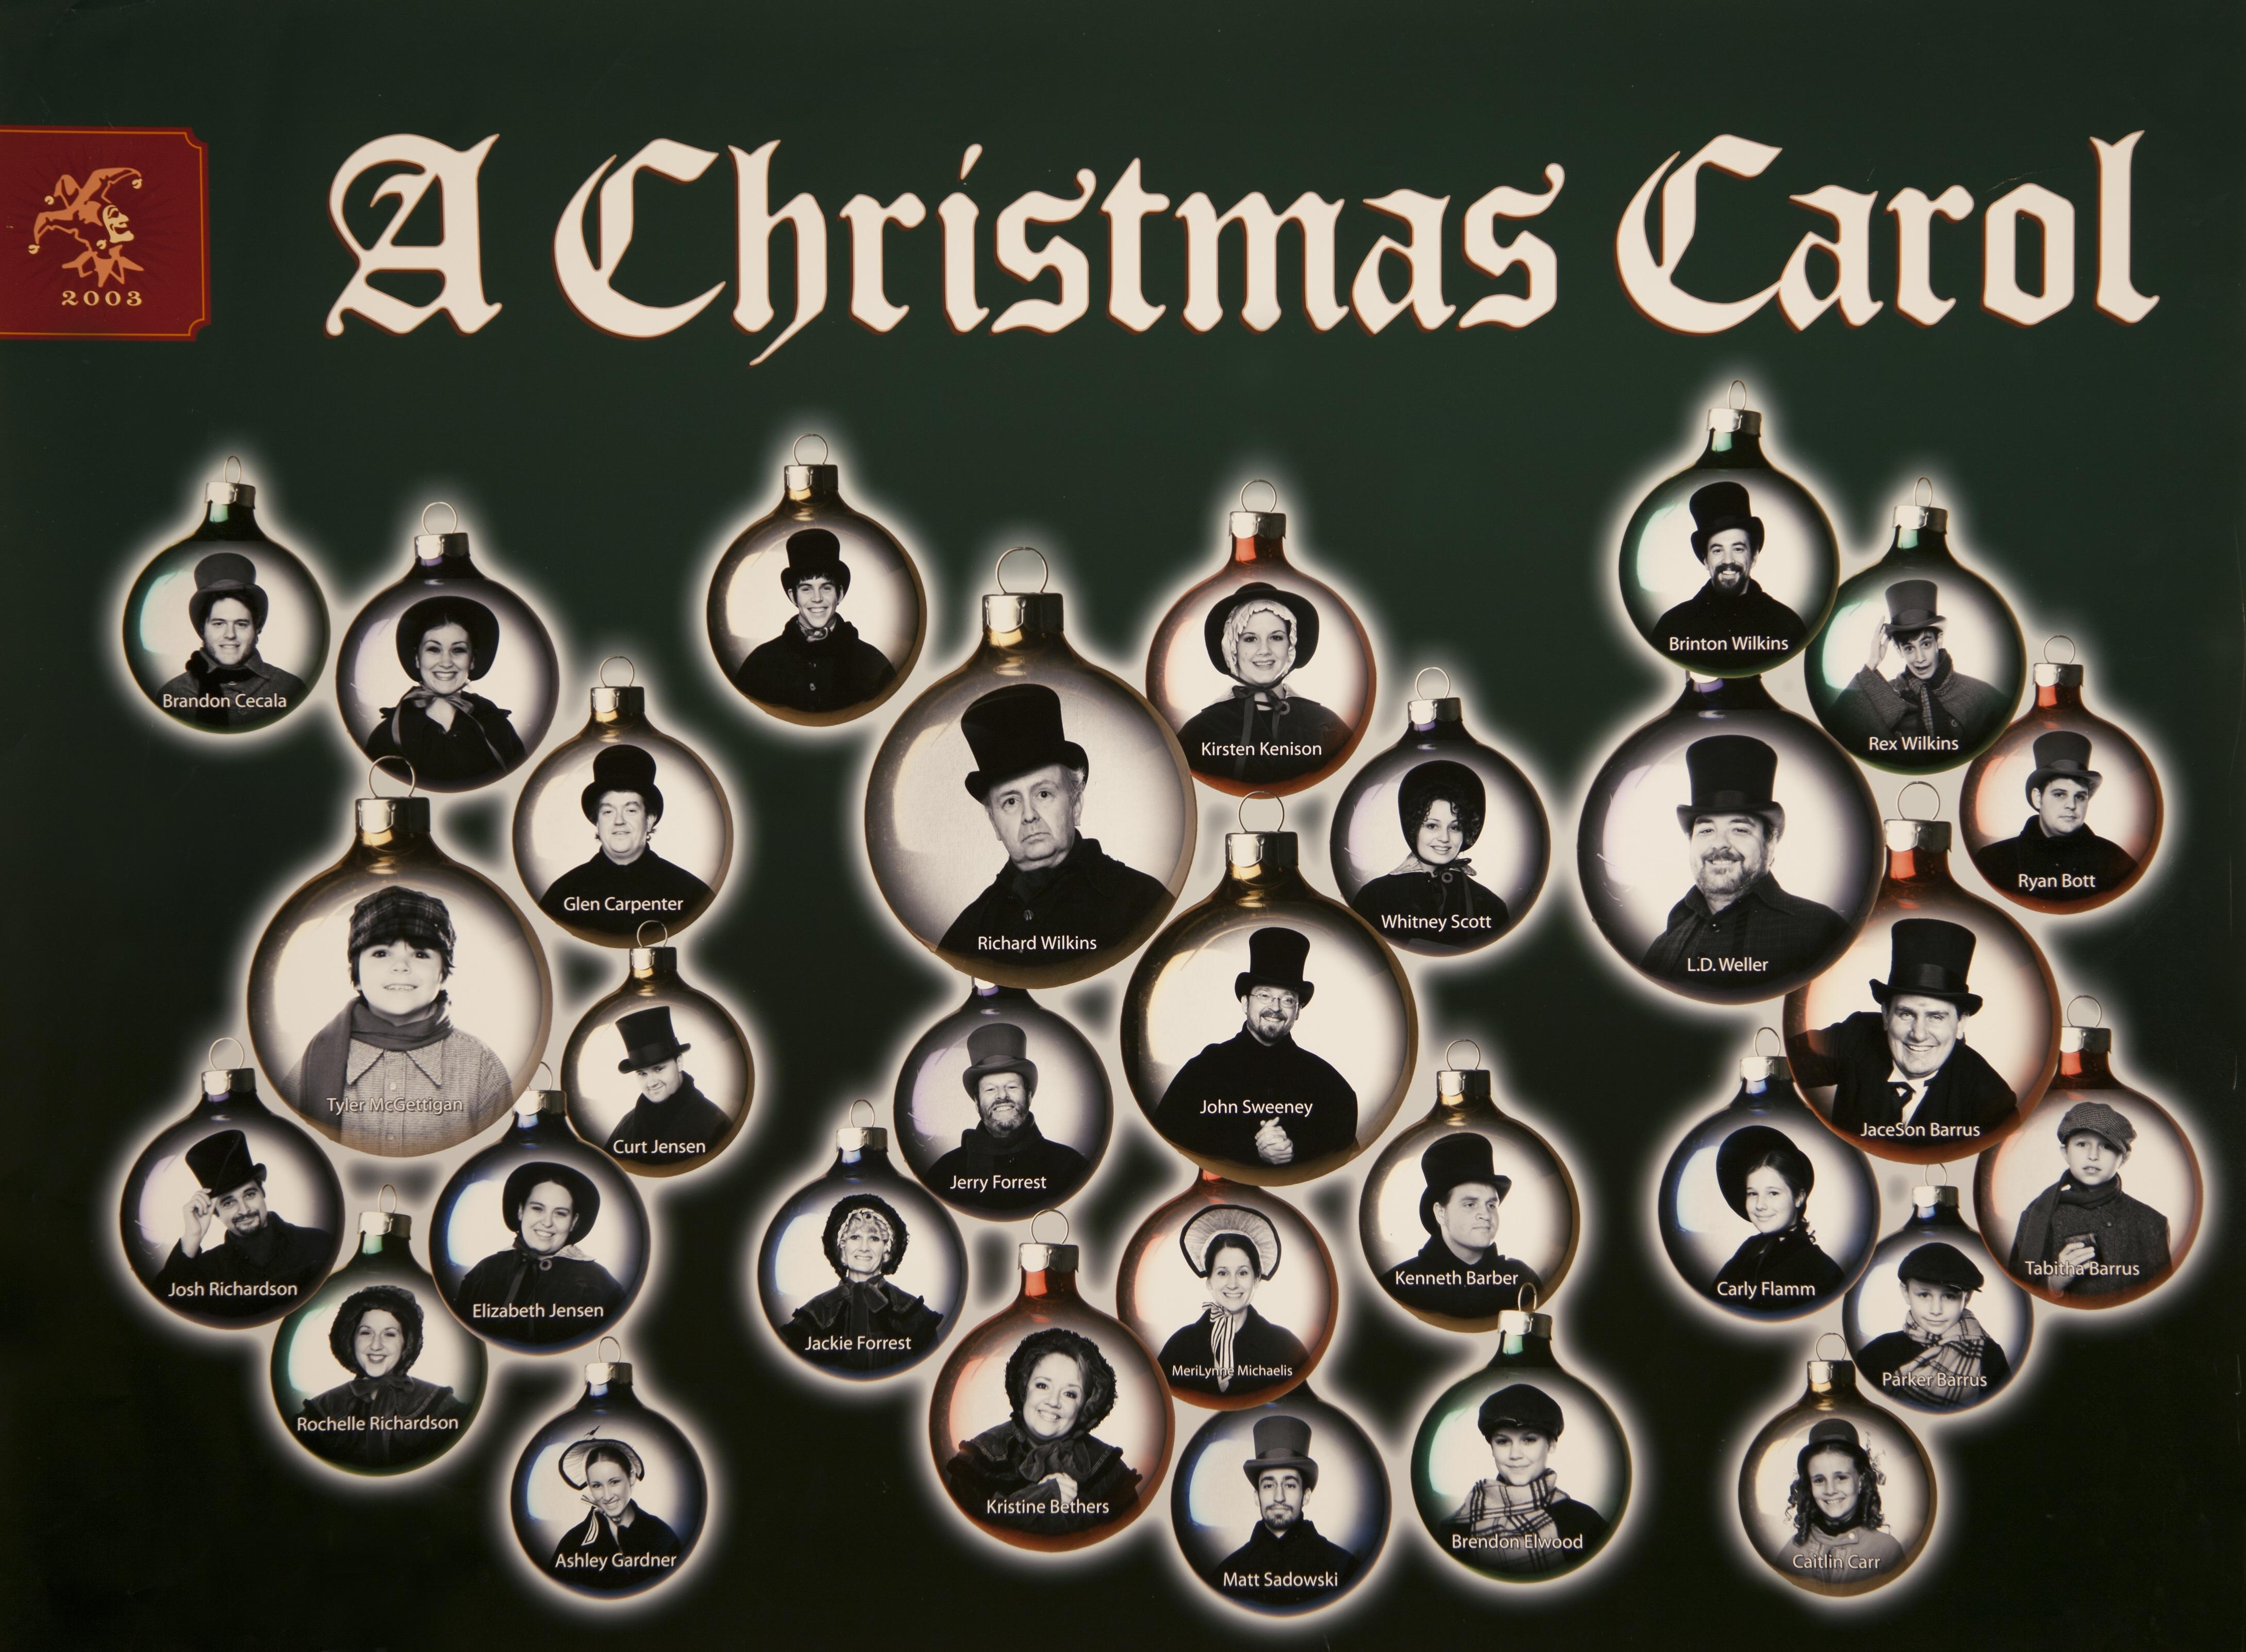 Hale Centre Theatre's 2003 A Christmas Carol Cast